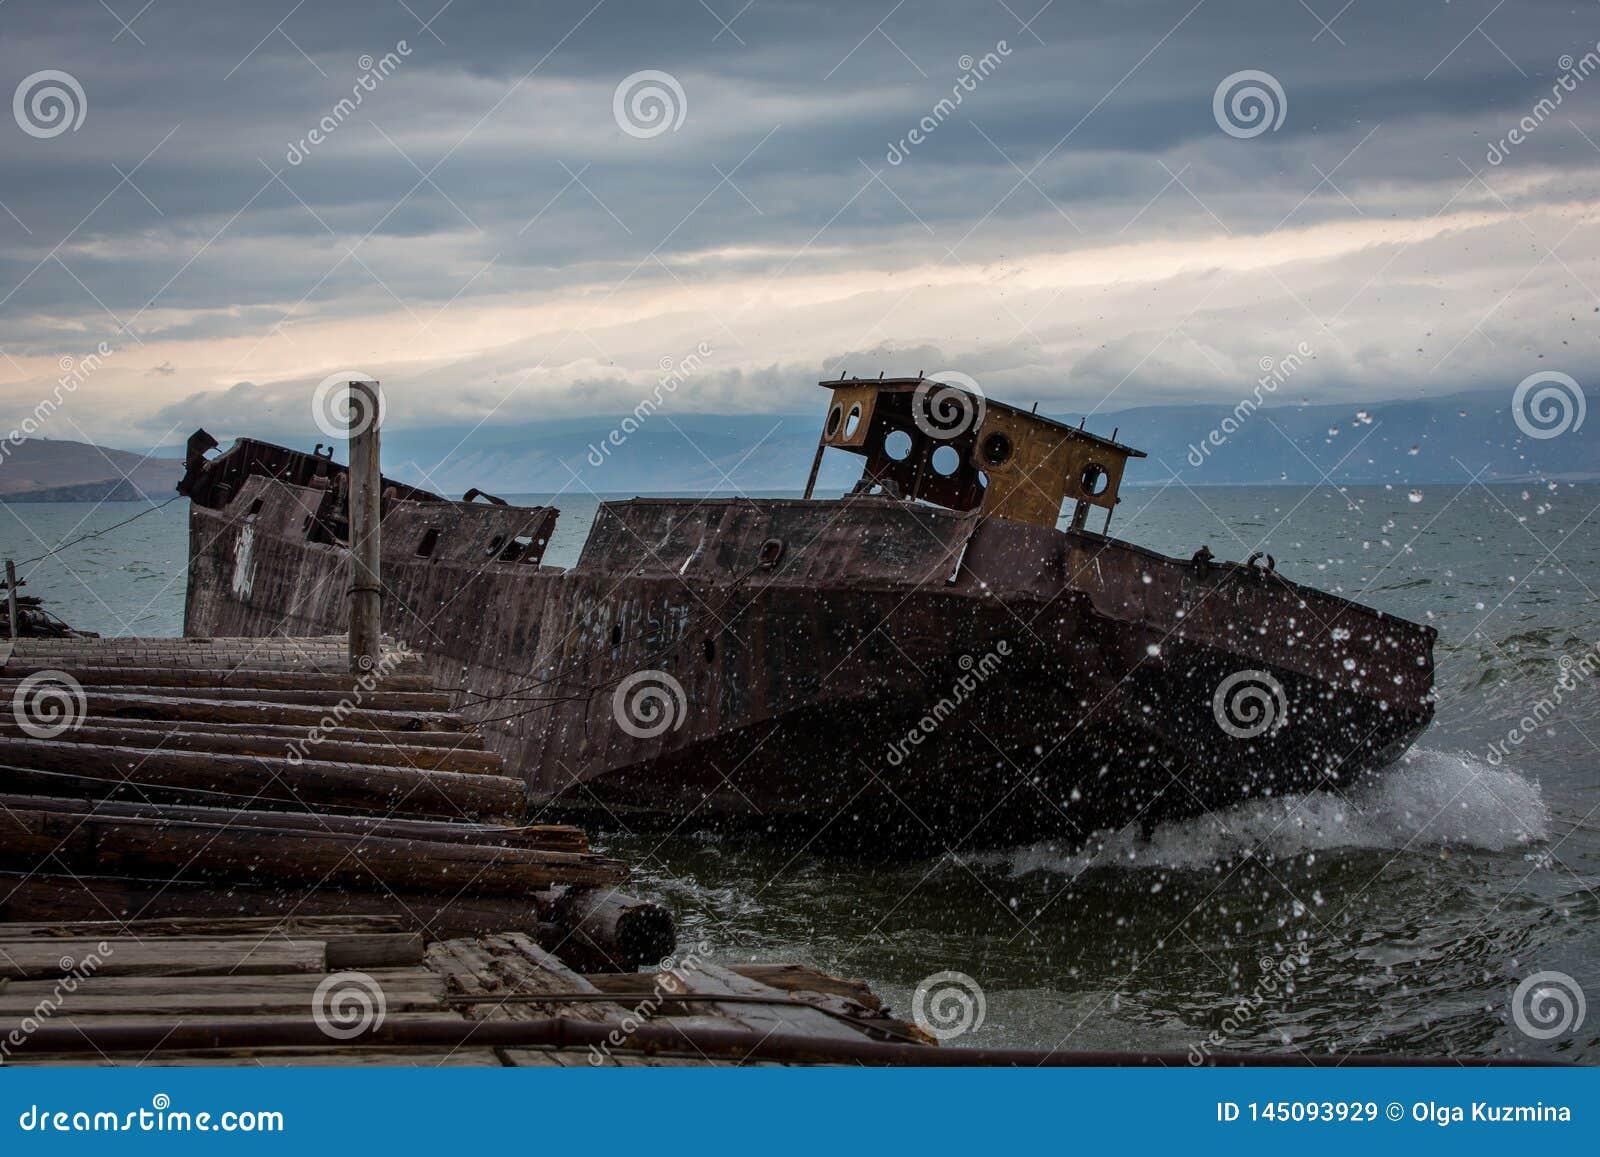 Vieux, rouillé bateau près du pilier Les grandes vagues inondent la plate-forme Soir